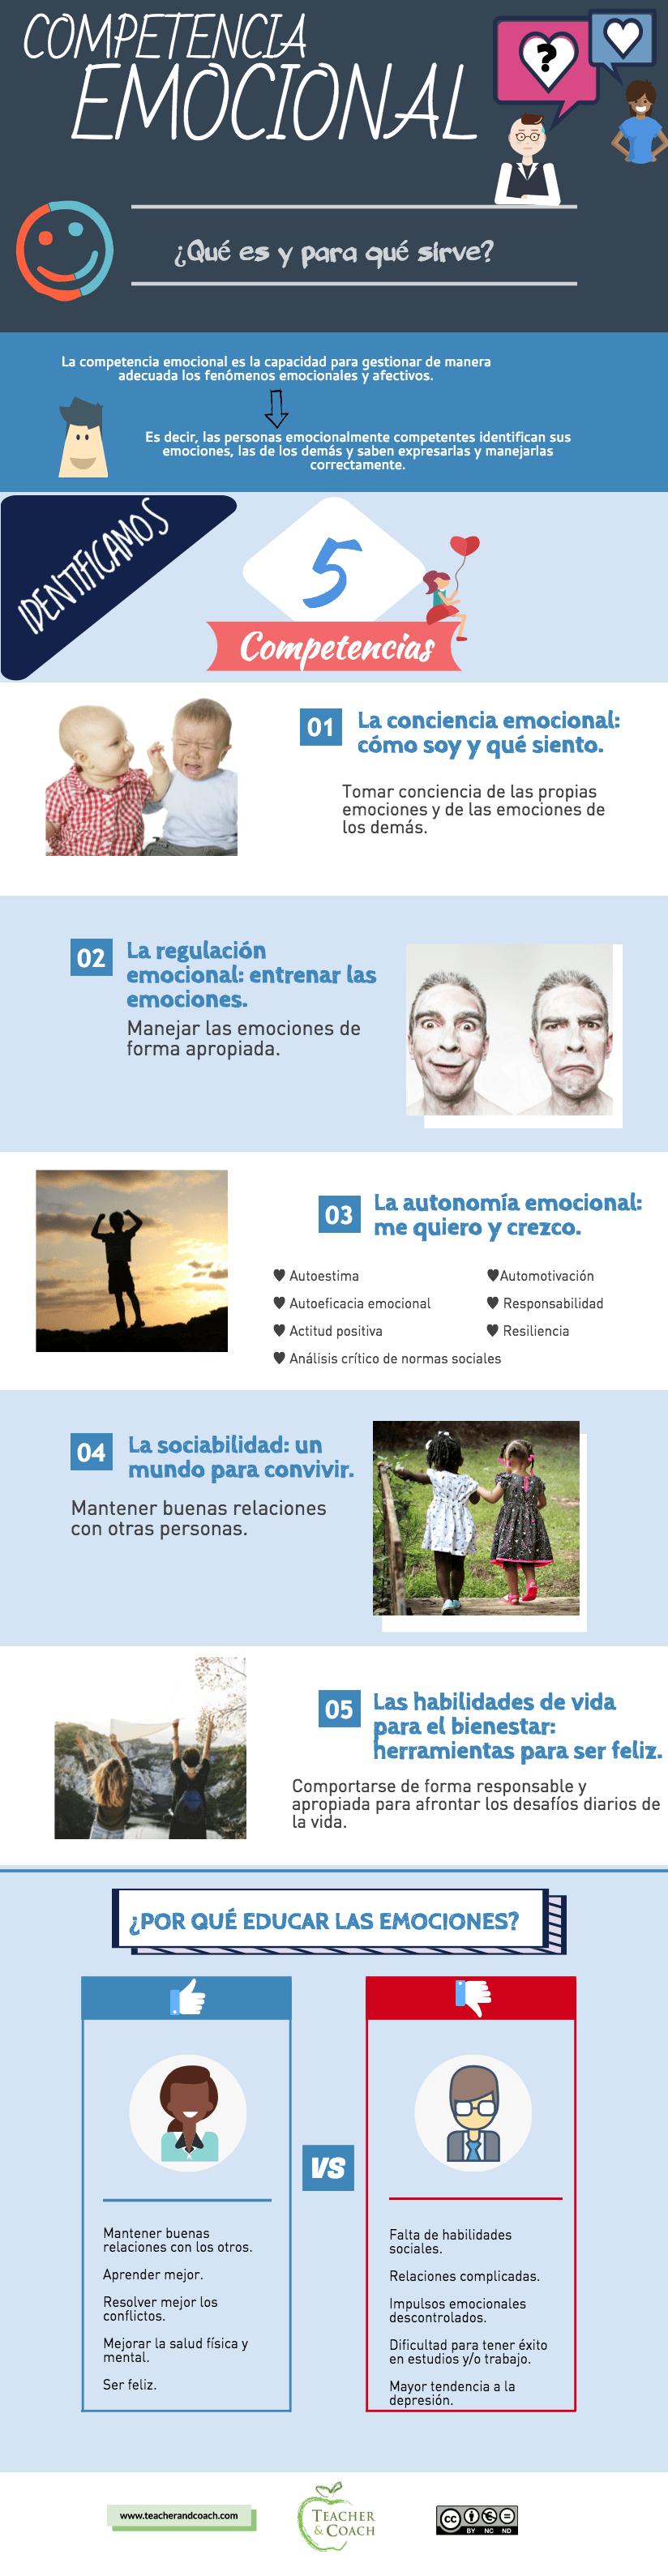 Lo que Frozen nos enseña sobre competencia emocional y cómo afecta al bienestar de niños y adultos. #frozen #elsa #competencias #emocionales #competenciaemocional #educacion #emocional #serfeliz #bienestar